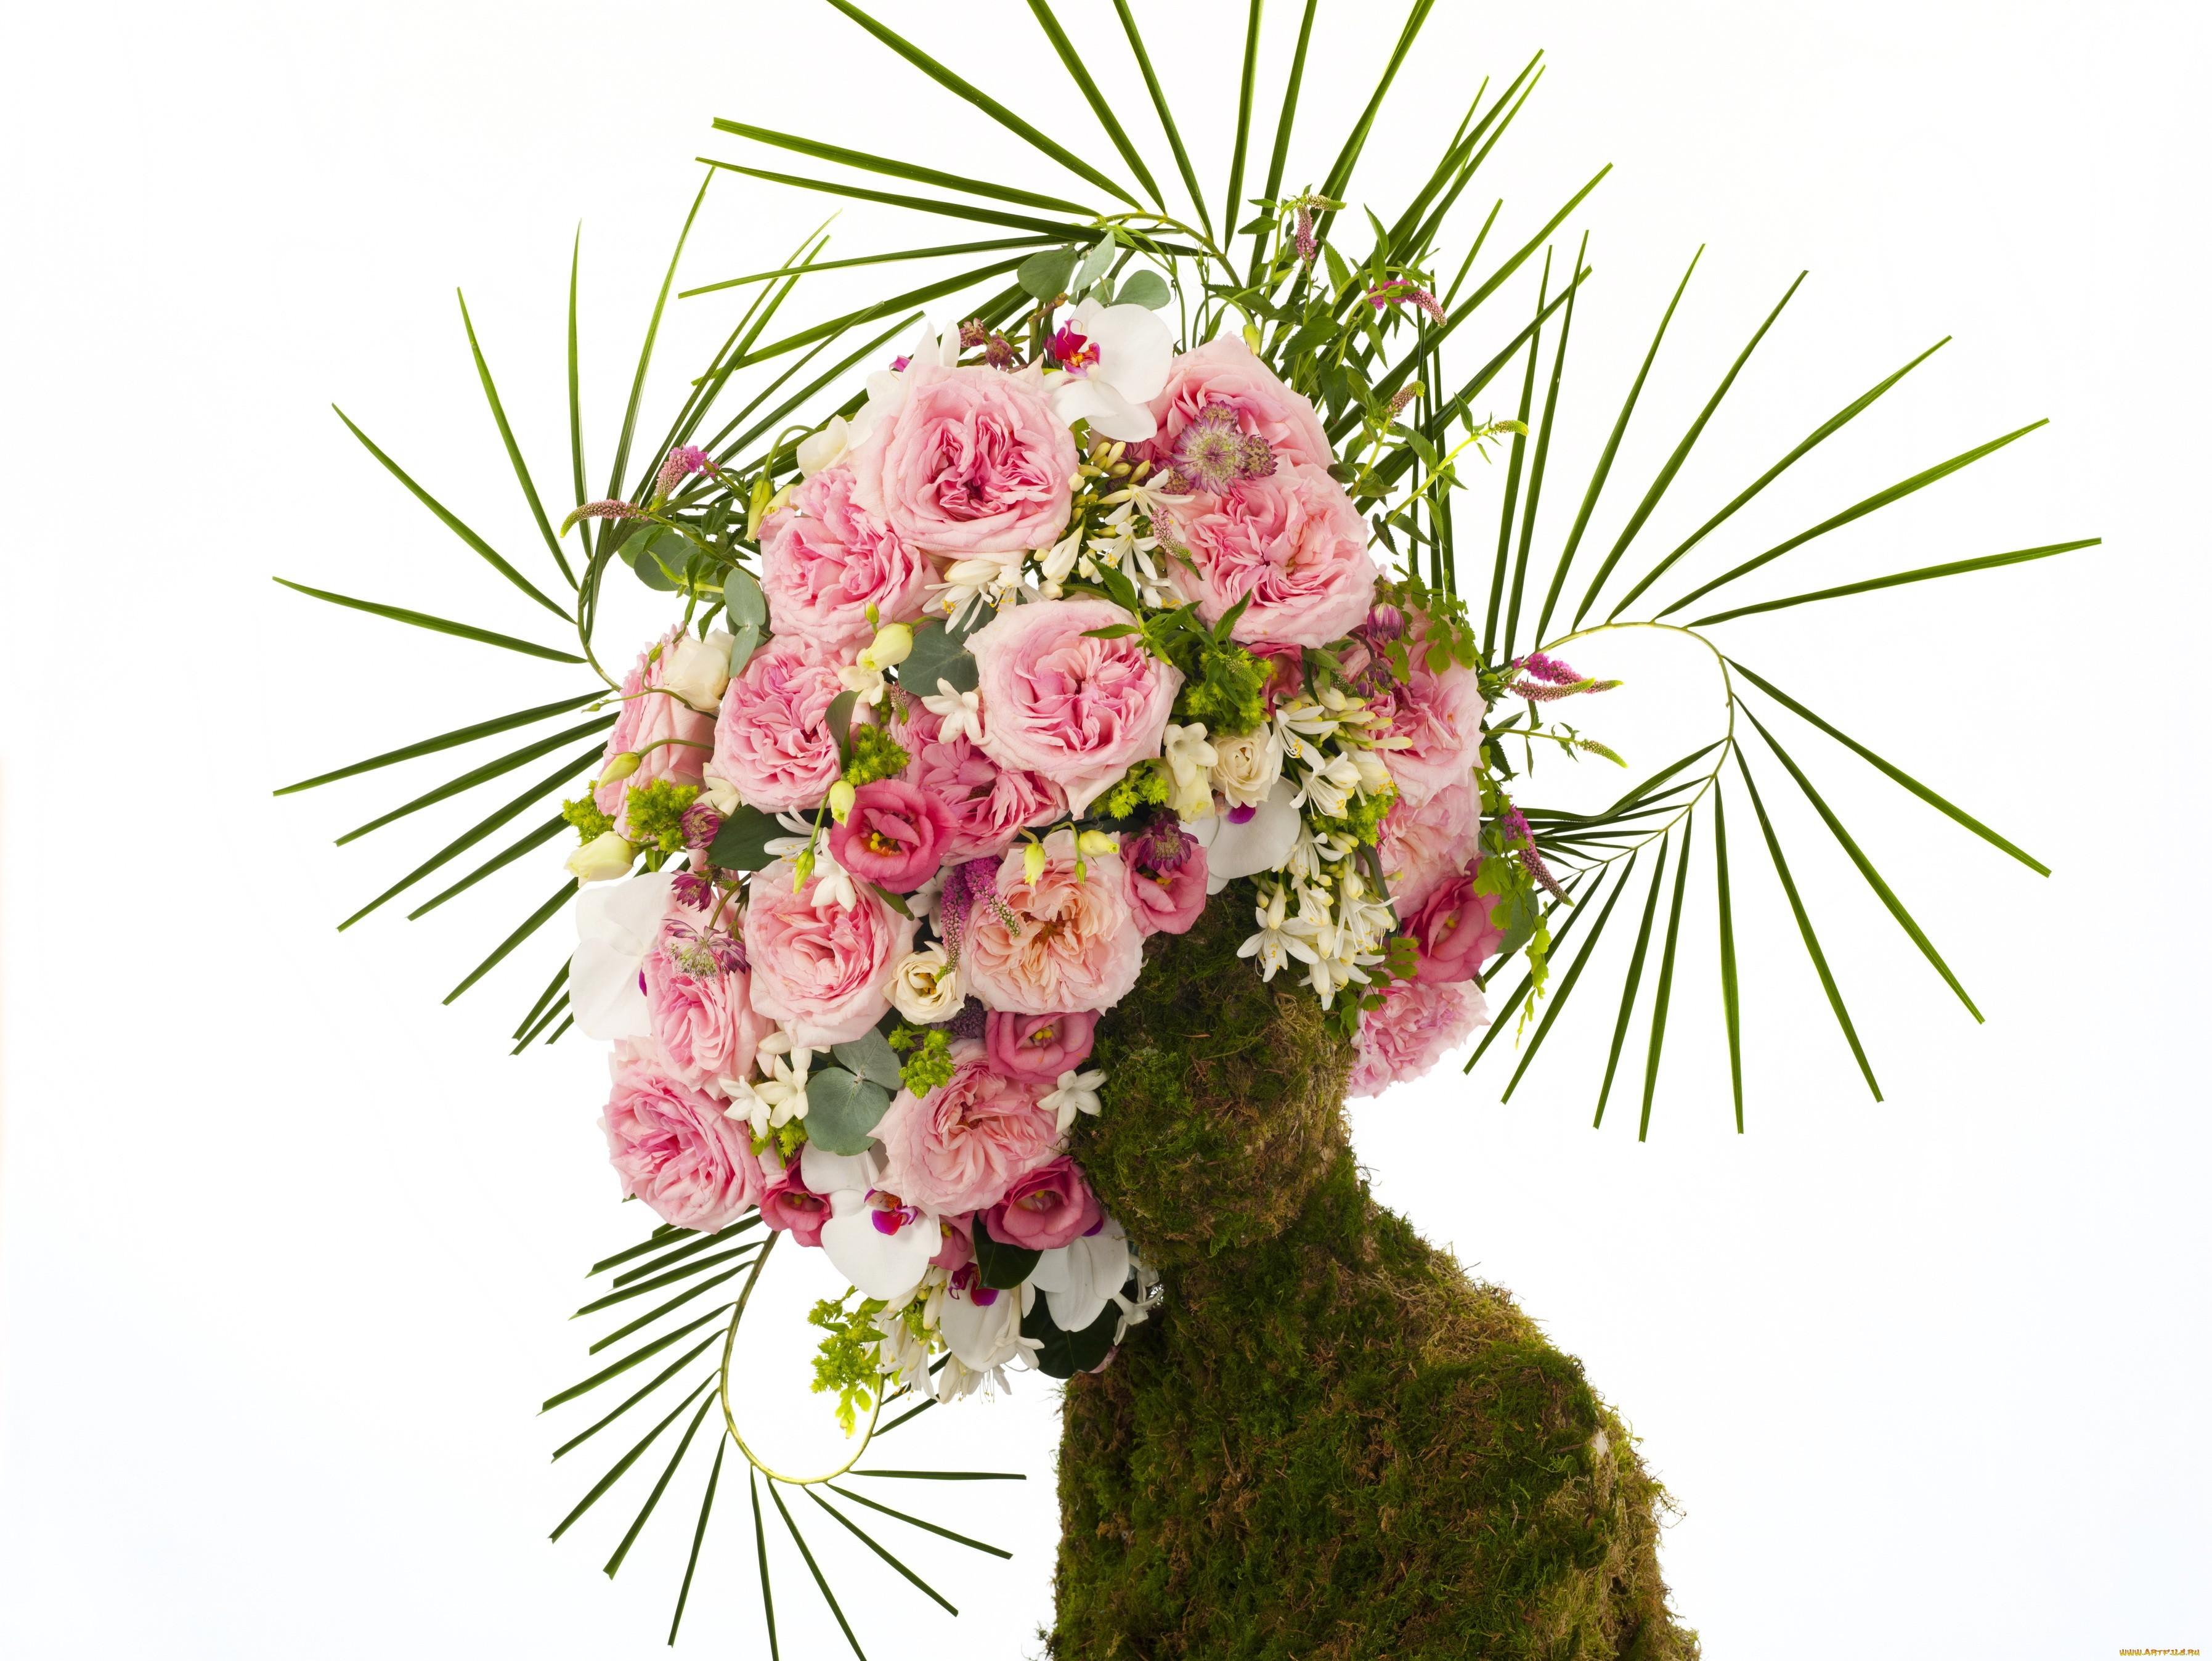 18933 скачать обои Праздники, Растения, Розы, Букеты - заставки и картинки бесплатно